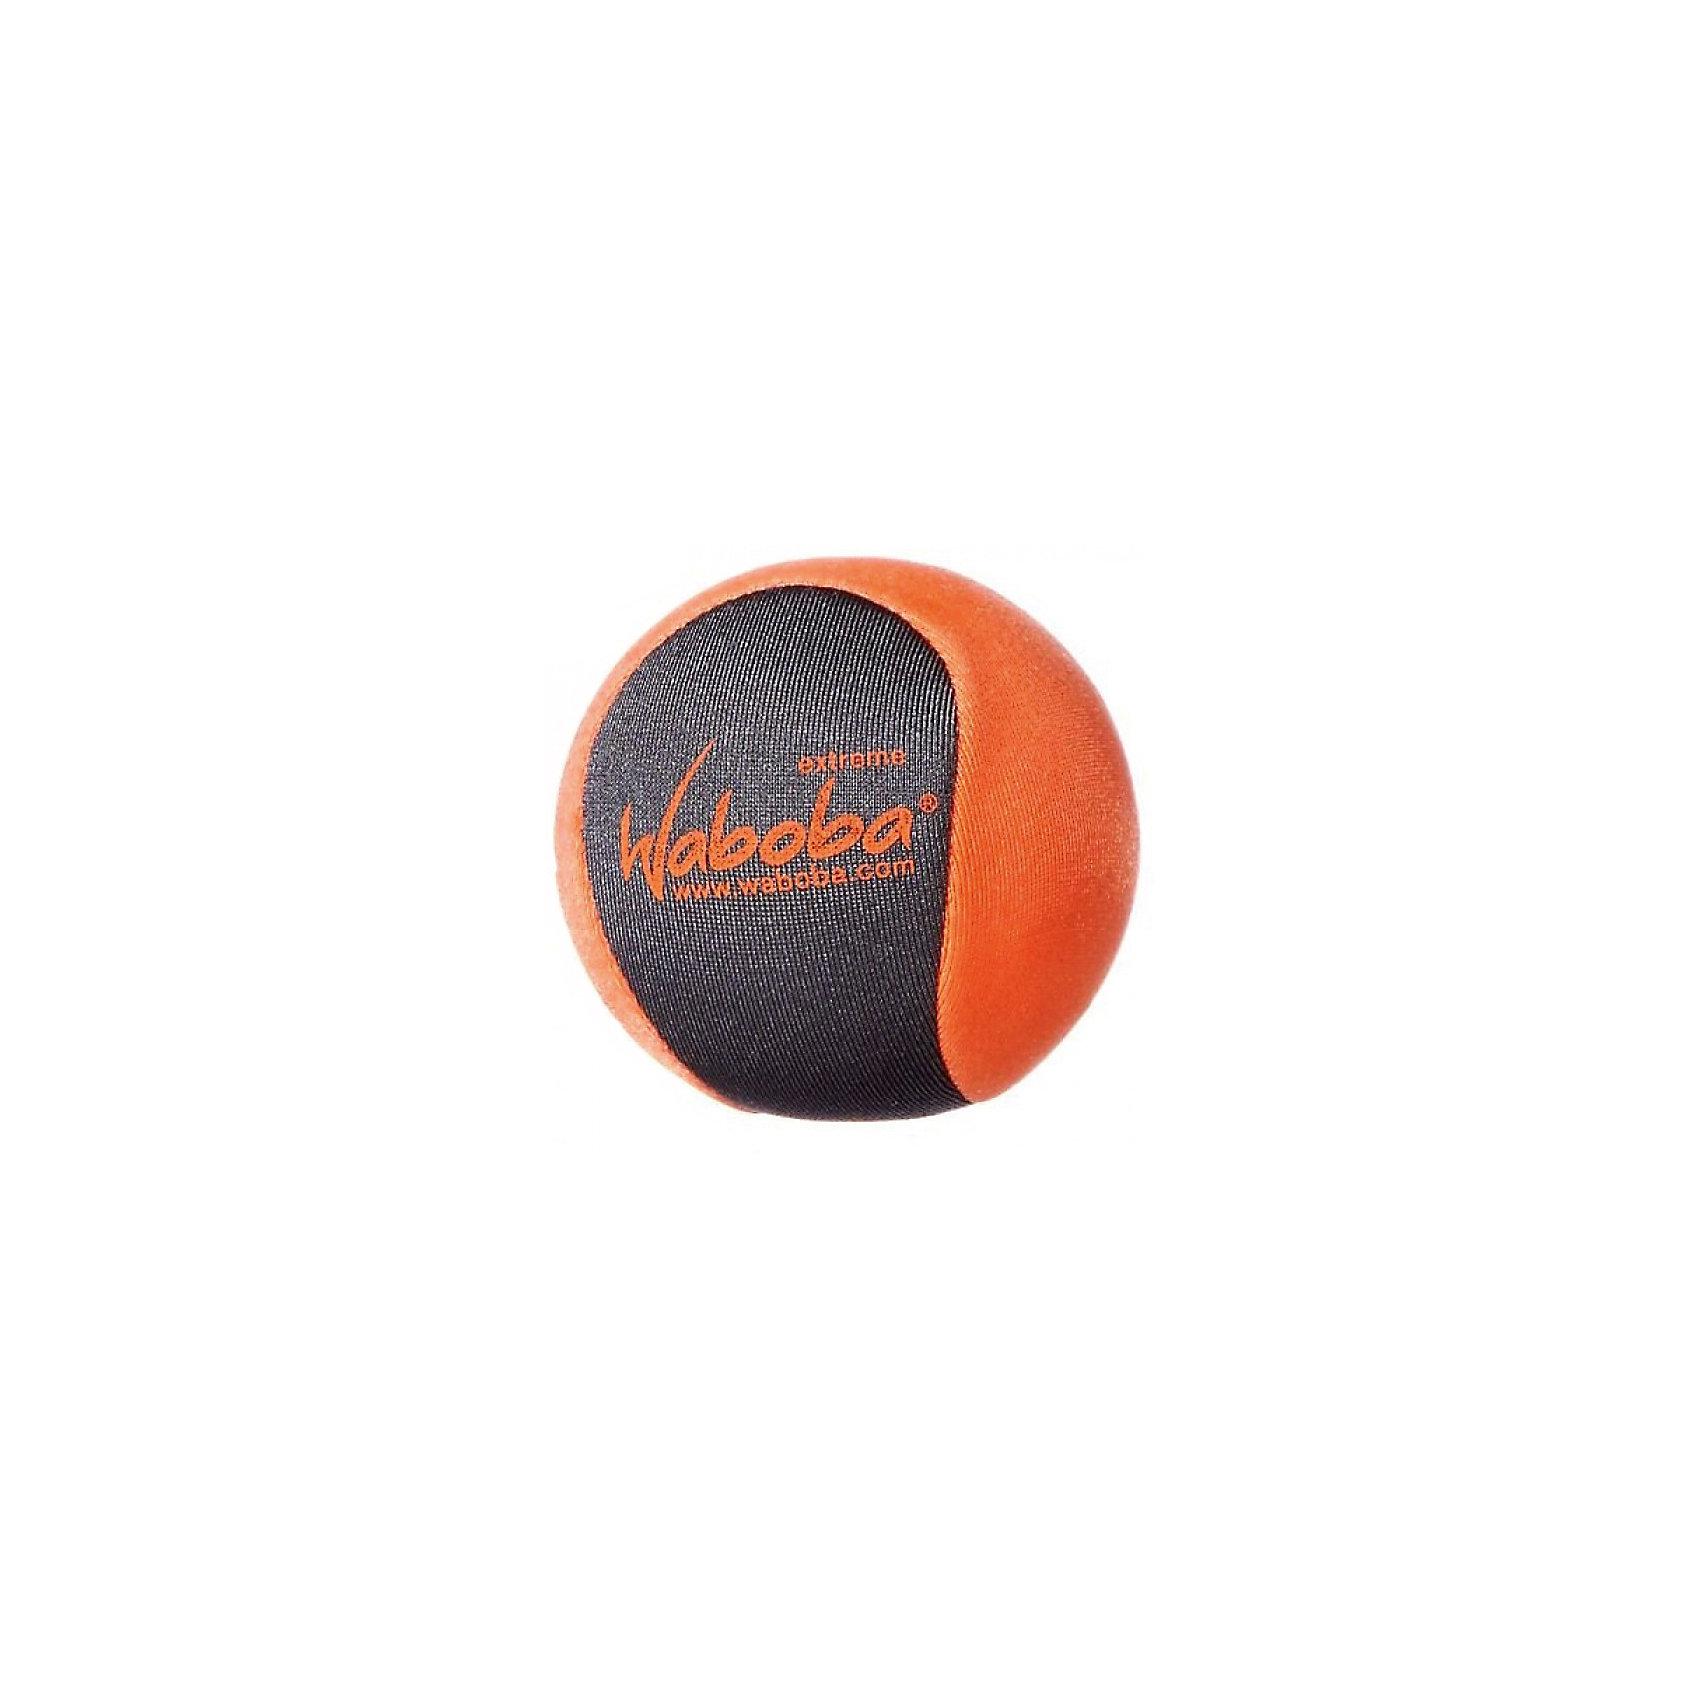 Мяч Waboba Ball Extreme, WabobaИгровые наборы<br>Характеристики товара:<br><br>• материал: полимер<br>• диаметр: 5,5 см<br>• цвет: оранжевый<br>• прочный материал<br>• отскакивает от воды высоко<br>• возраст: от 3 лет<br>• вес: 100 г<br>• страна бренда: Швеция<br>• страна производства: Китай<br><br>Новый вид активного пляжного отдыха: игры с мячами, отскакивающими от воды. Мячи Waboba - это отличный способ весело провести время всей семьей, с детьми или большой компанией. Мячи сделаны из прочного полимерного материала, они отлично держатся на воде, имею яркую расцветку.<br>Данная модификация разрабатывалась для использования в бурной или спокойной воде. Этот мяч высоко и быстро отскакивает от поверхности воды, поэтому играть с ним очень интересно.<br><br>Мяч, отскакивающий от воды, Waboba Ball Extreme, от популярного бренда Waboba можно купить в нашем интернет-магазине.<br><br>Ширина мм: 60<br>Глубина мм: 60<br>Высота мм: 60<br>Вес г: 90<br>Возраст от месяцев: 36<br>Возраст до месяцев: 192<br>Пол: Унисекс<br>Возраст: Детский<br>SKU: 5482365